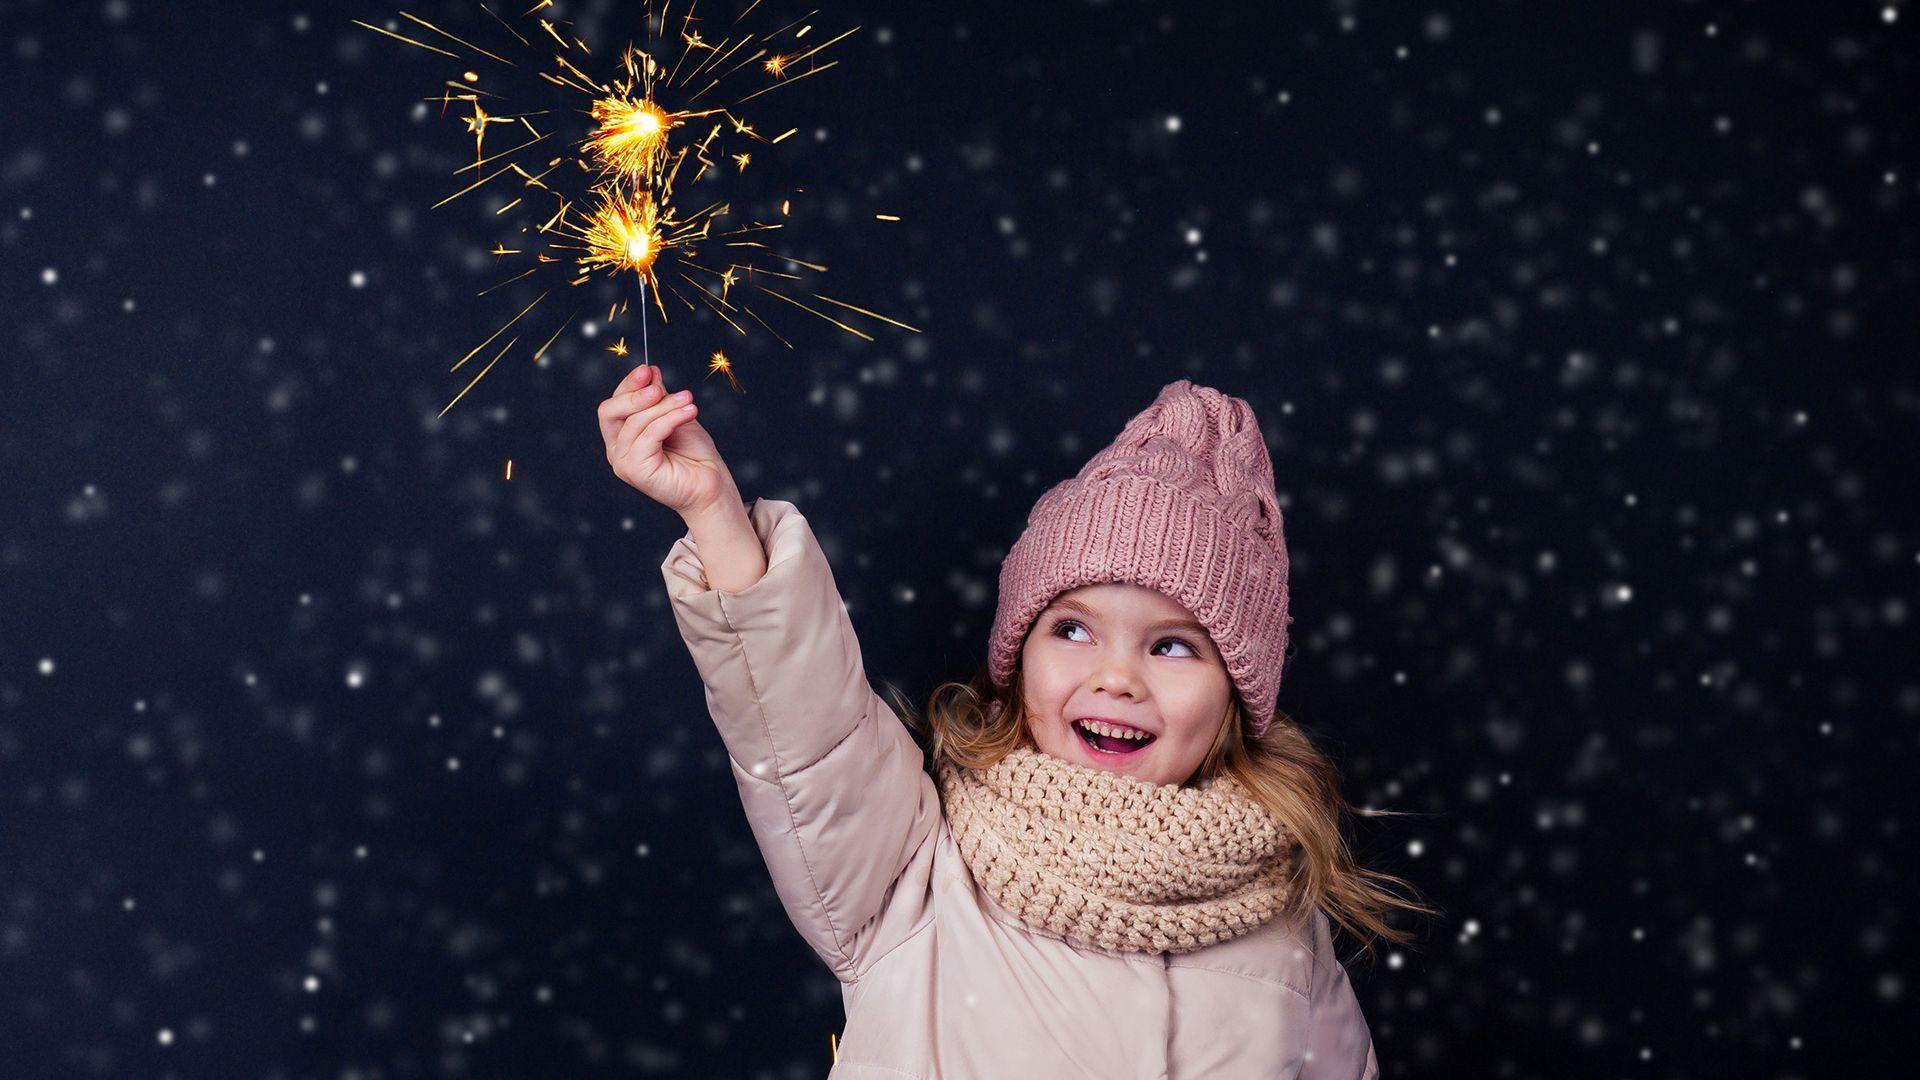 kinderen laat opblijven oudejaarsavond